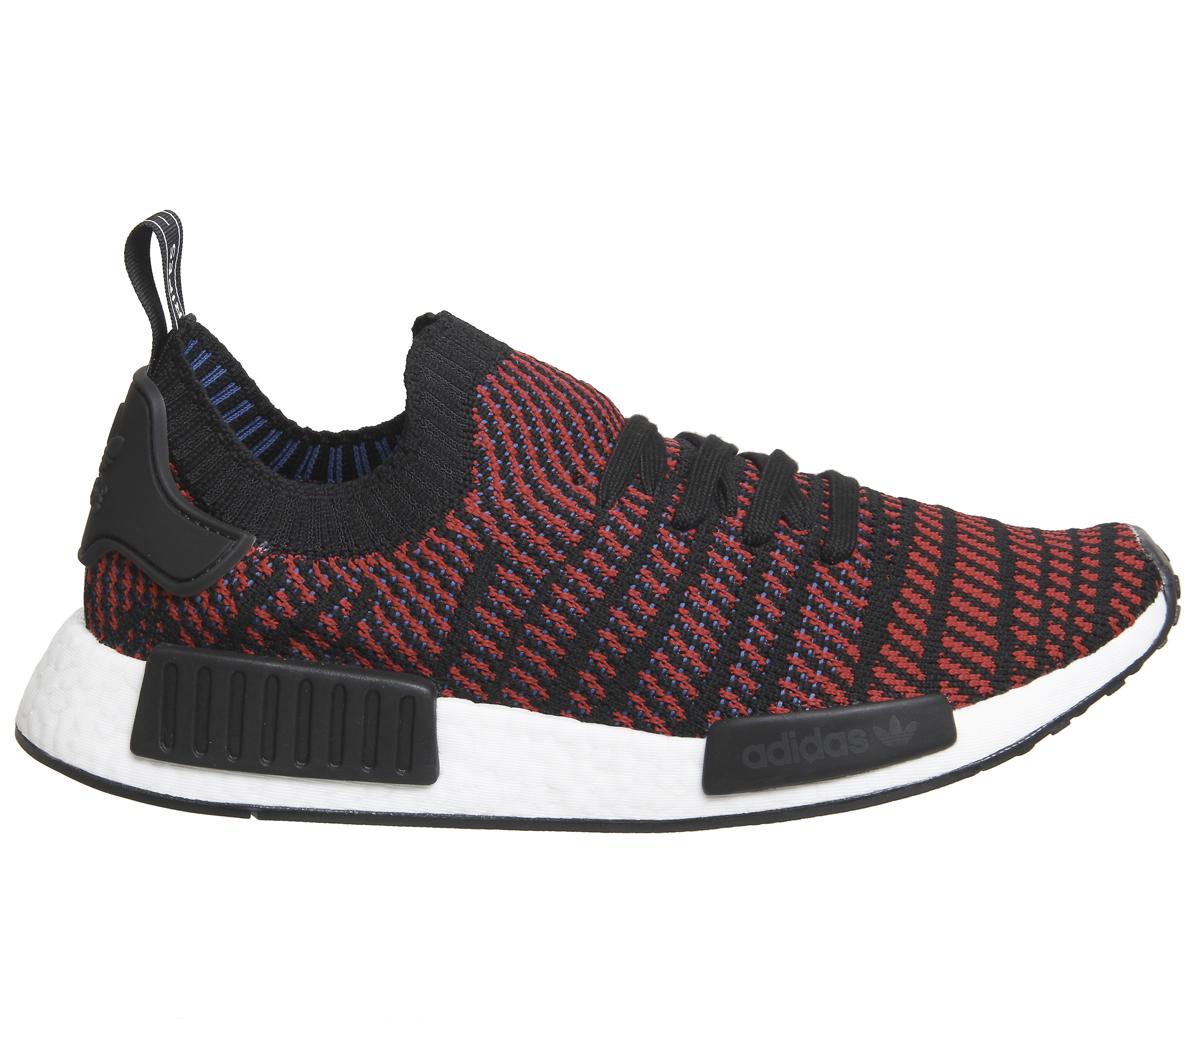 official photos 6ce16 d643b CENTINELA Adidas Nmd R1 primer punto central negro rojo zapatillas zapatos